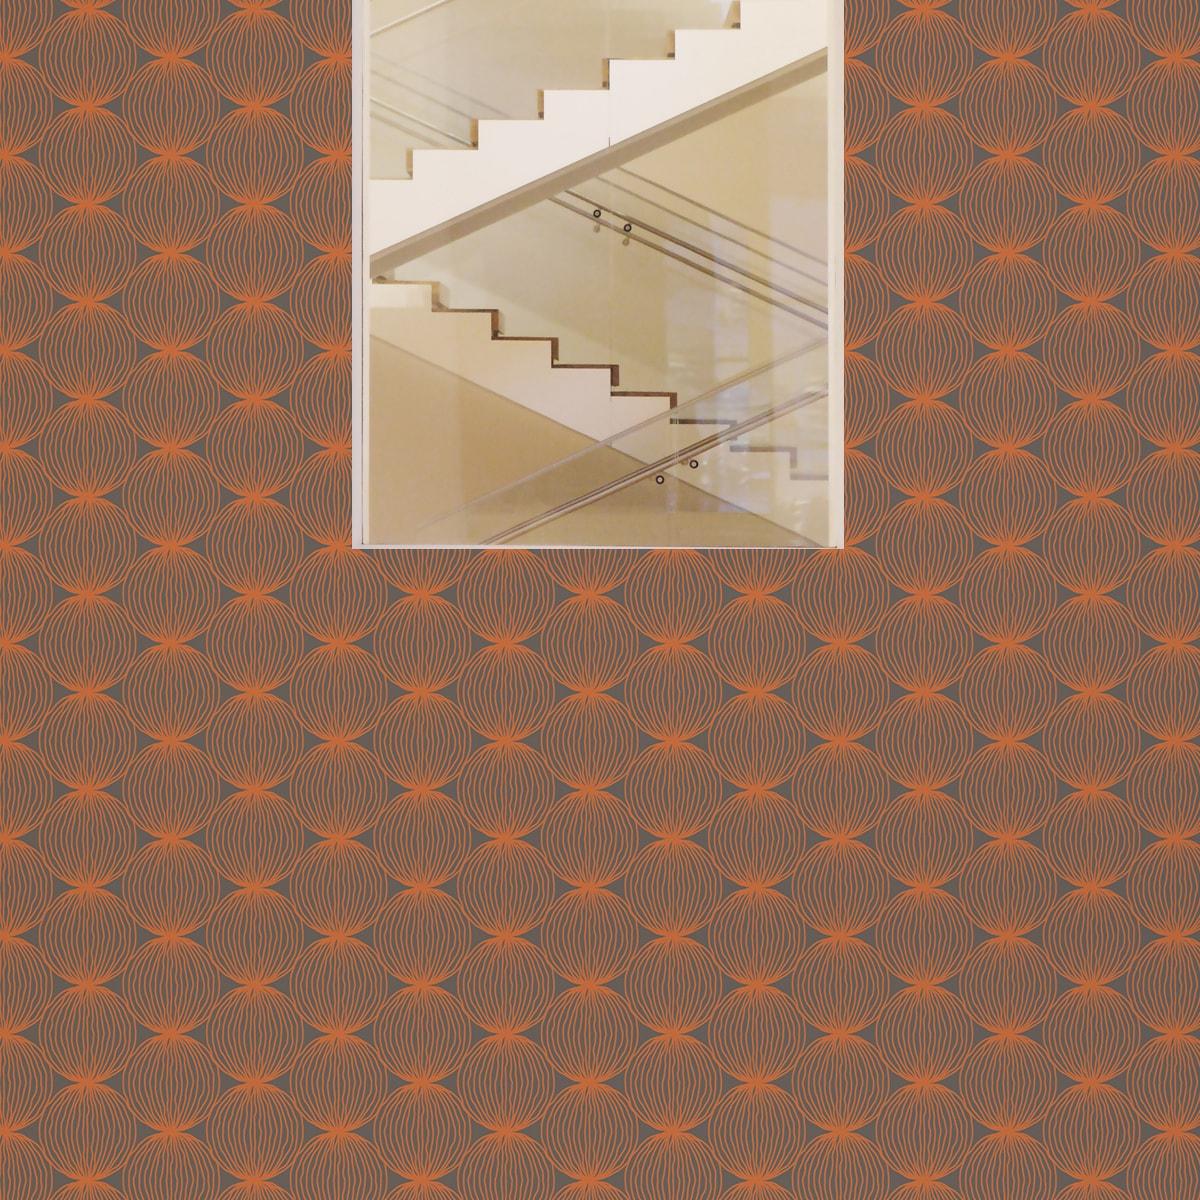 """Wandtapete orange: Orange moderne Designer Tapete """"Grafic Pompoms"""" mit Kreis Kugel Motiv angepasst an Little Greene Wandfarben"""